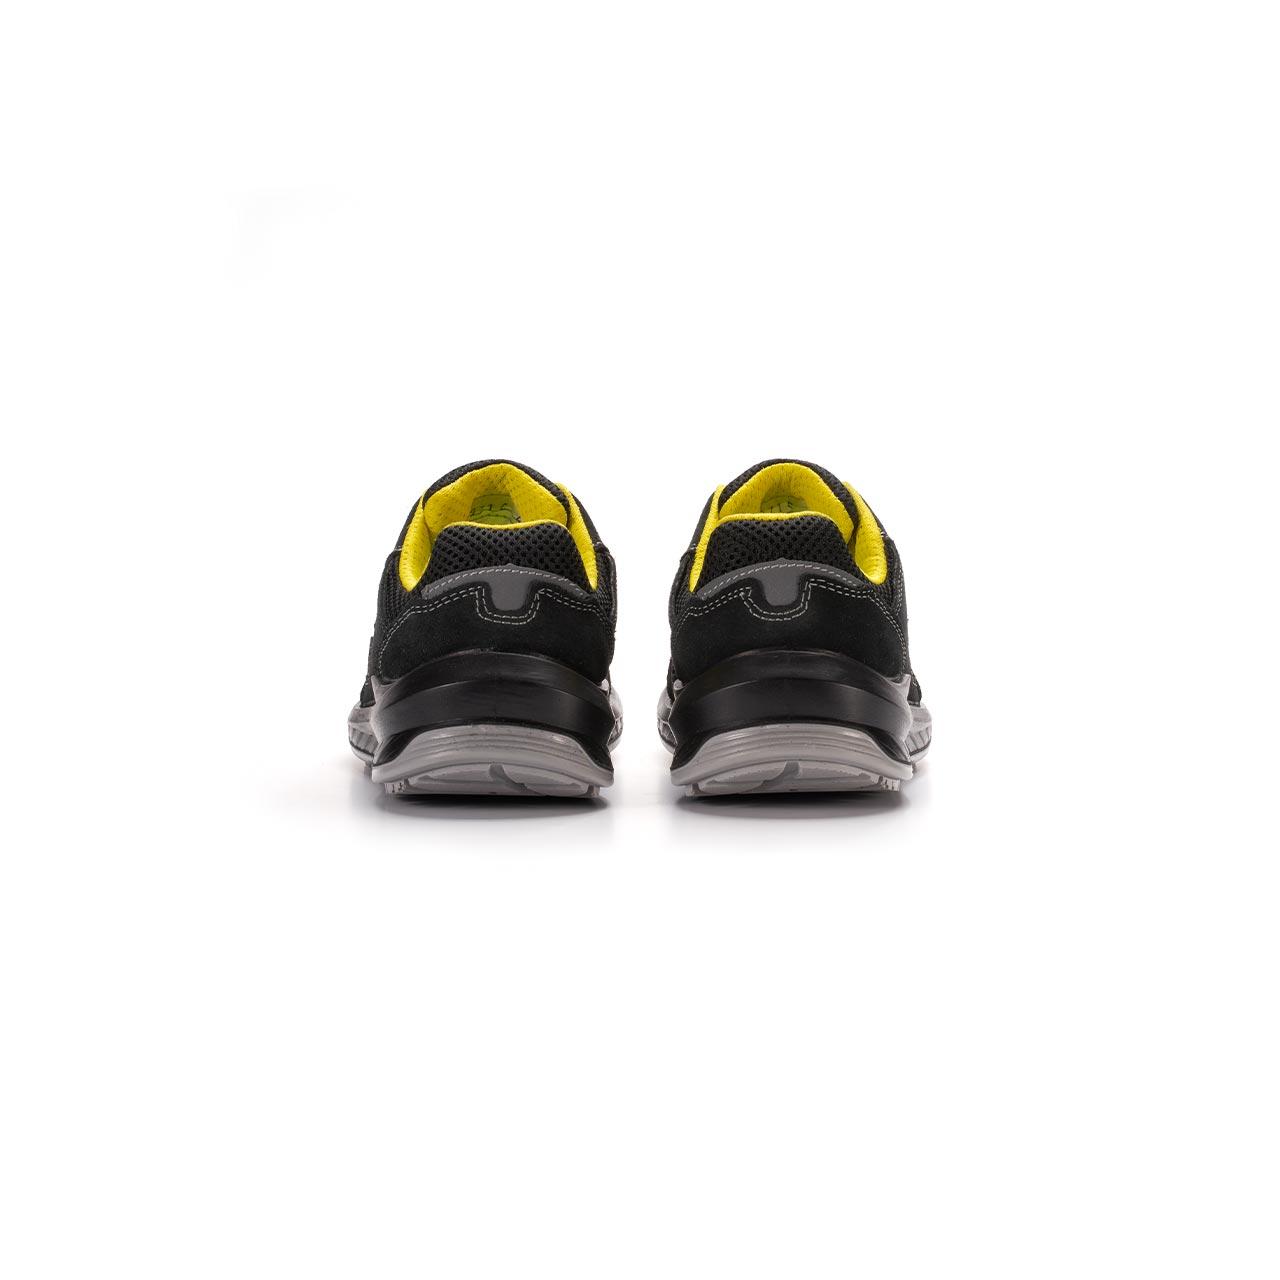 paio di scarpe antinfortunistiche upower modello vortix linea redindustry vista retro